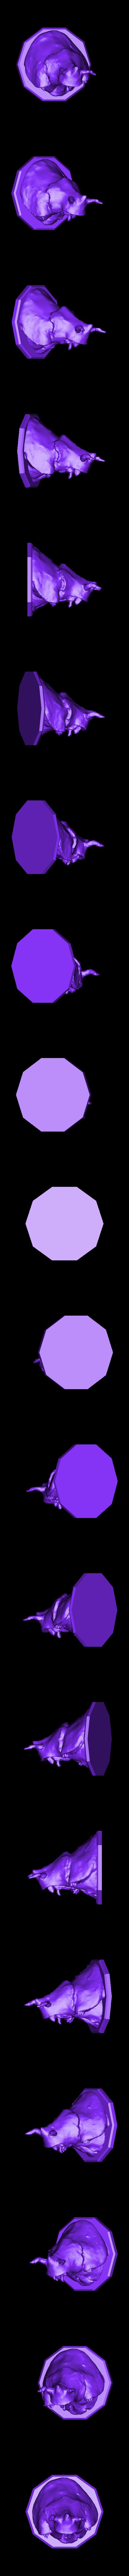 krampus.STL Download free STL file Krampus • Object to 3D print, Urukgar4D